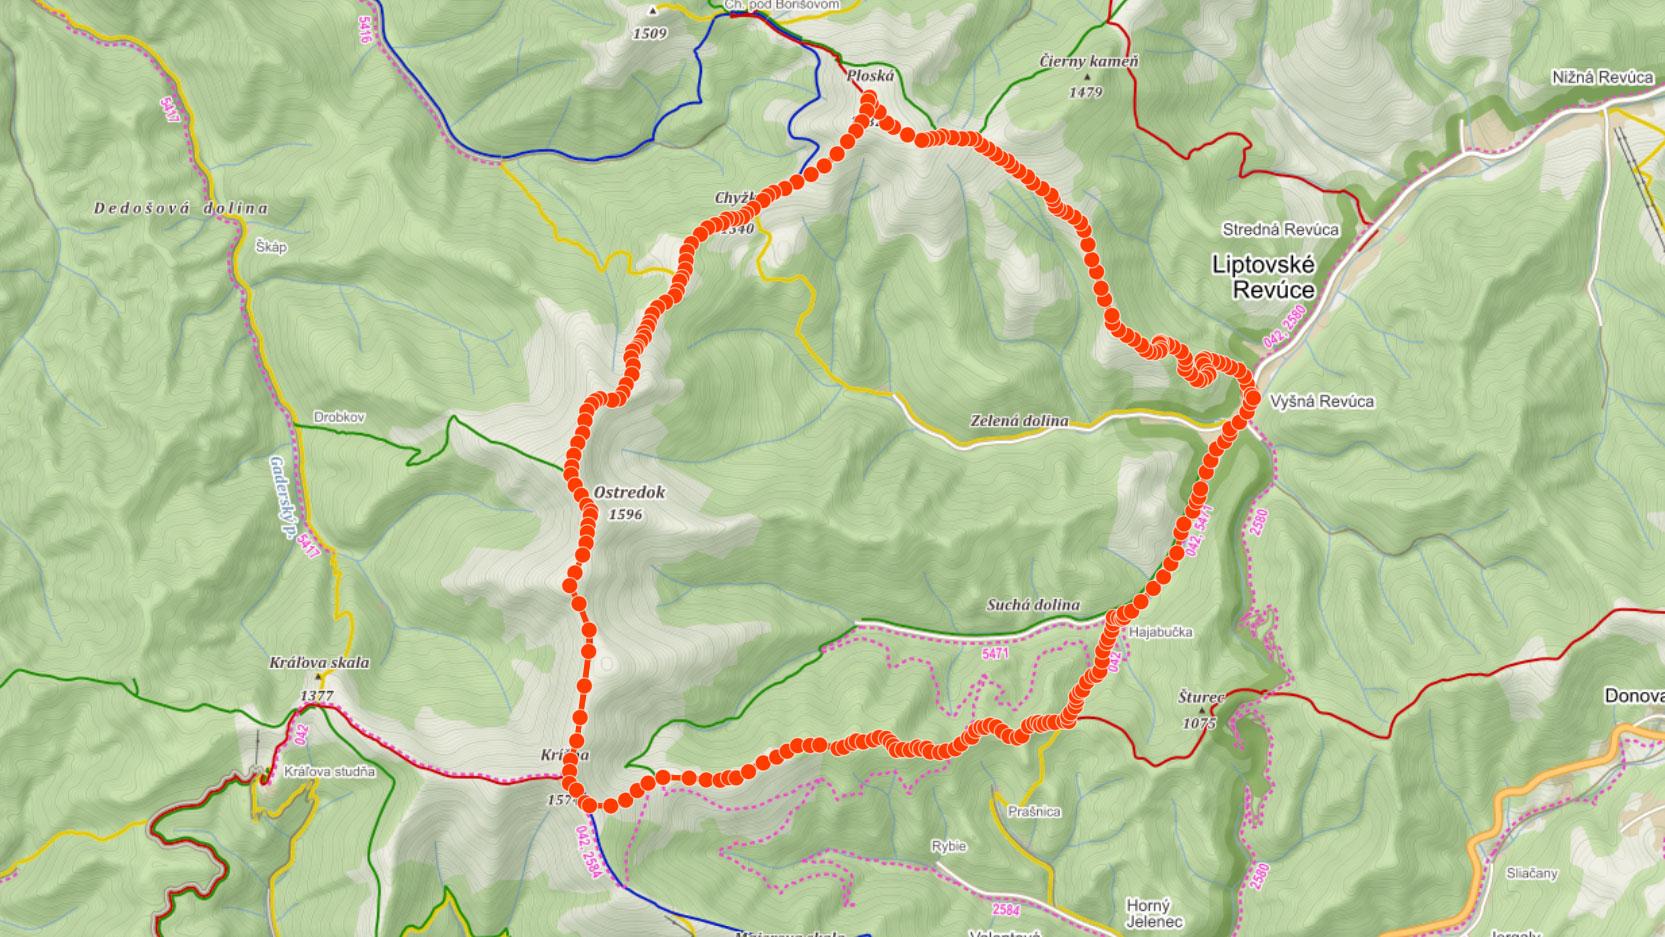 Trasa z Liptovské Revúce na Ploskou, Suchý vrch, Ostredok, Krížnou a Repište na Velké Fatře